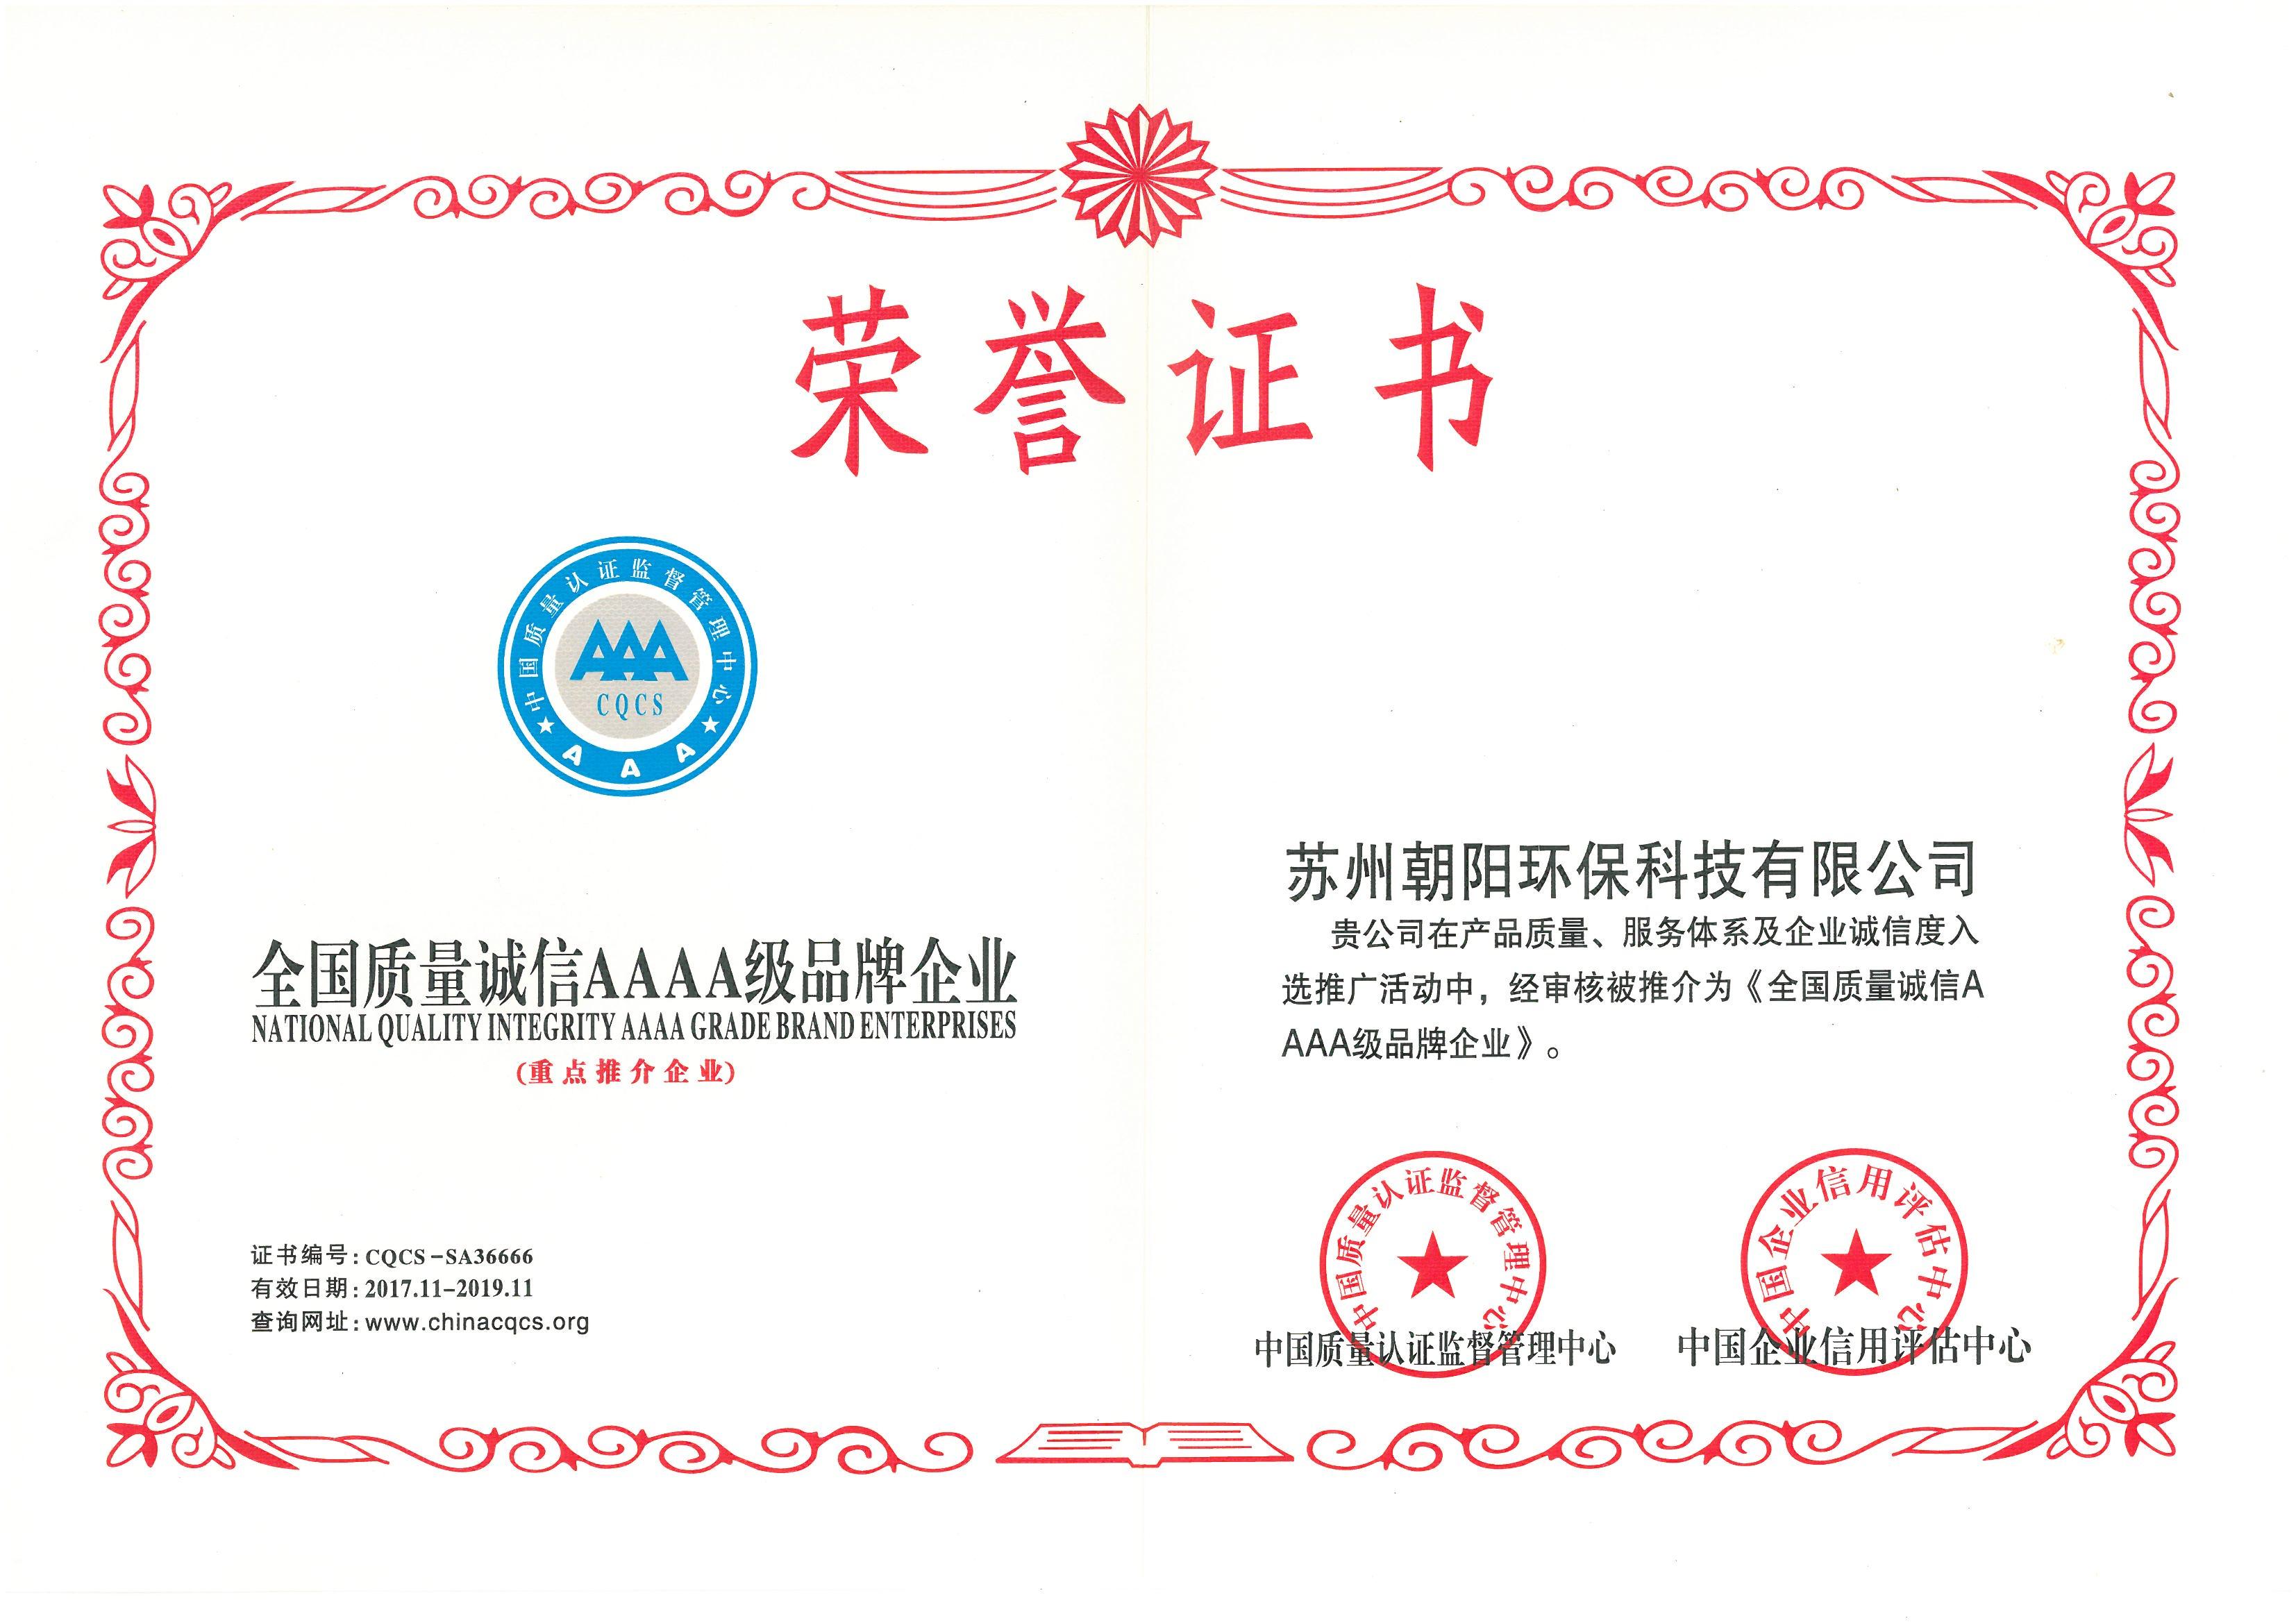 誠信AAAA品牌企業榮譽證書